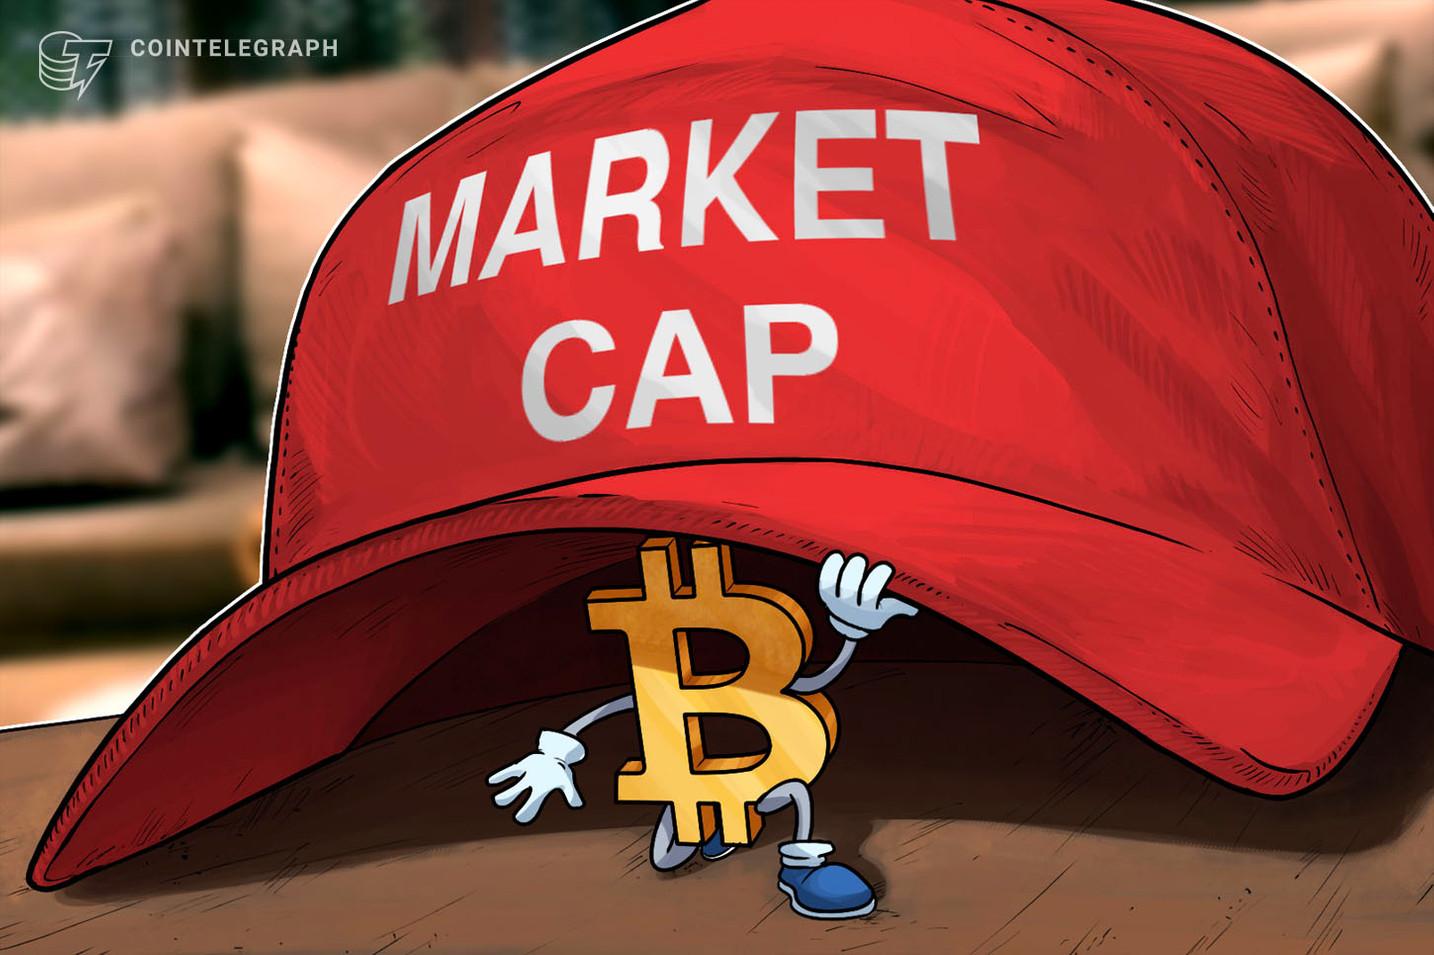 Capitalização de mercado do Bitcoin recua abaixo de US$ 1 trilhão à medida que a correção se aprofunda